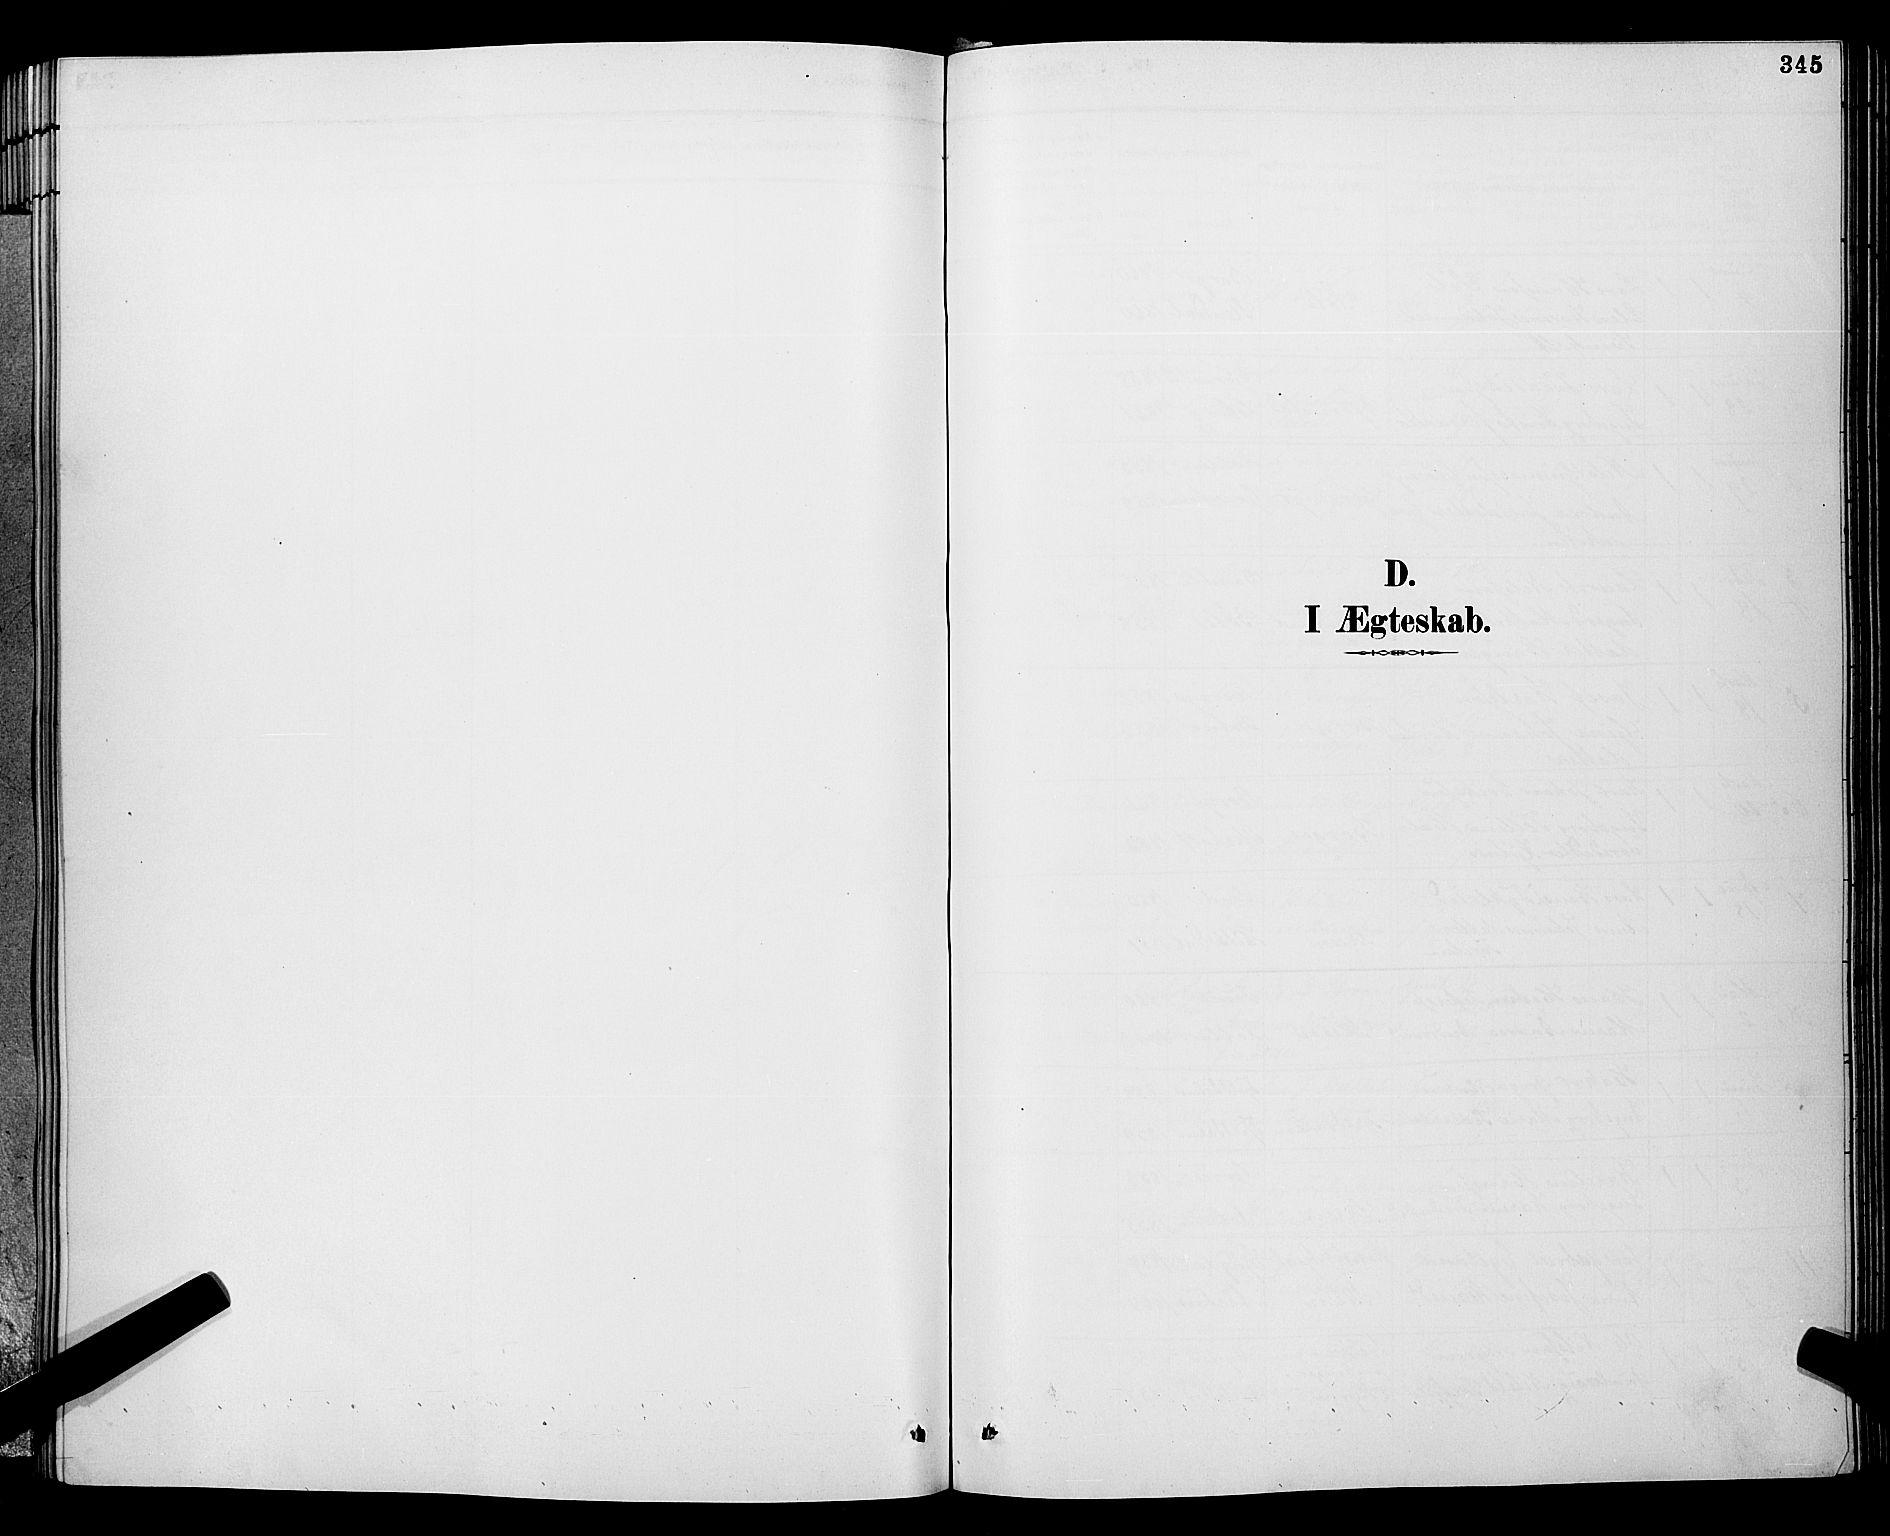 SAKO, Gjerpen kirkebøker, G/Ga/L0002: Klokkerbok nr. I 2, 1883-1900, s. 345